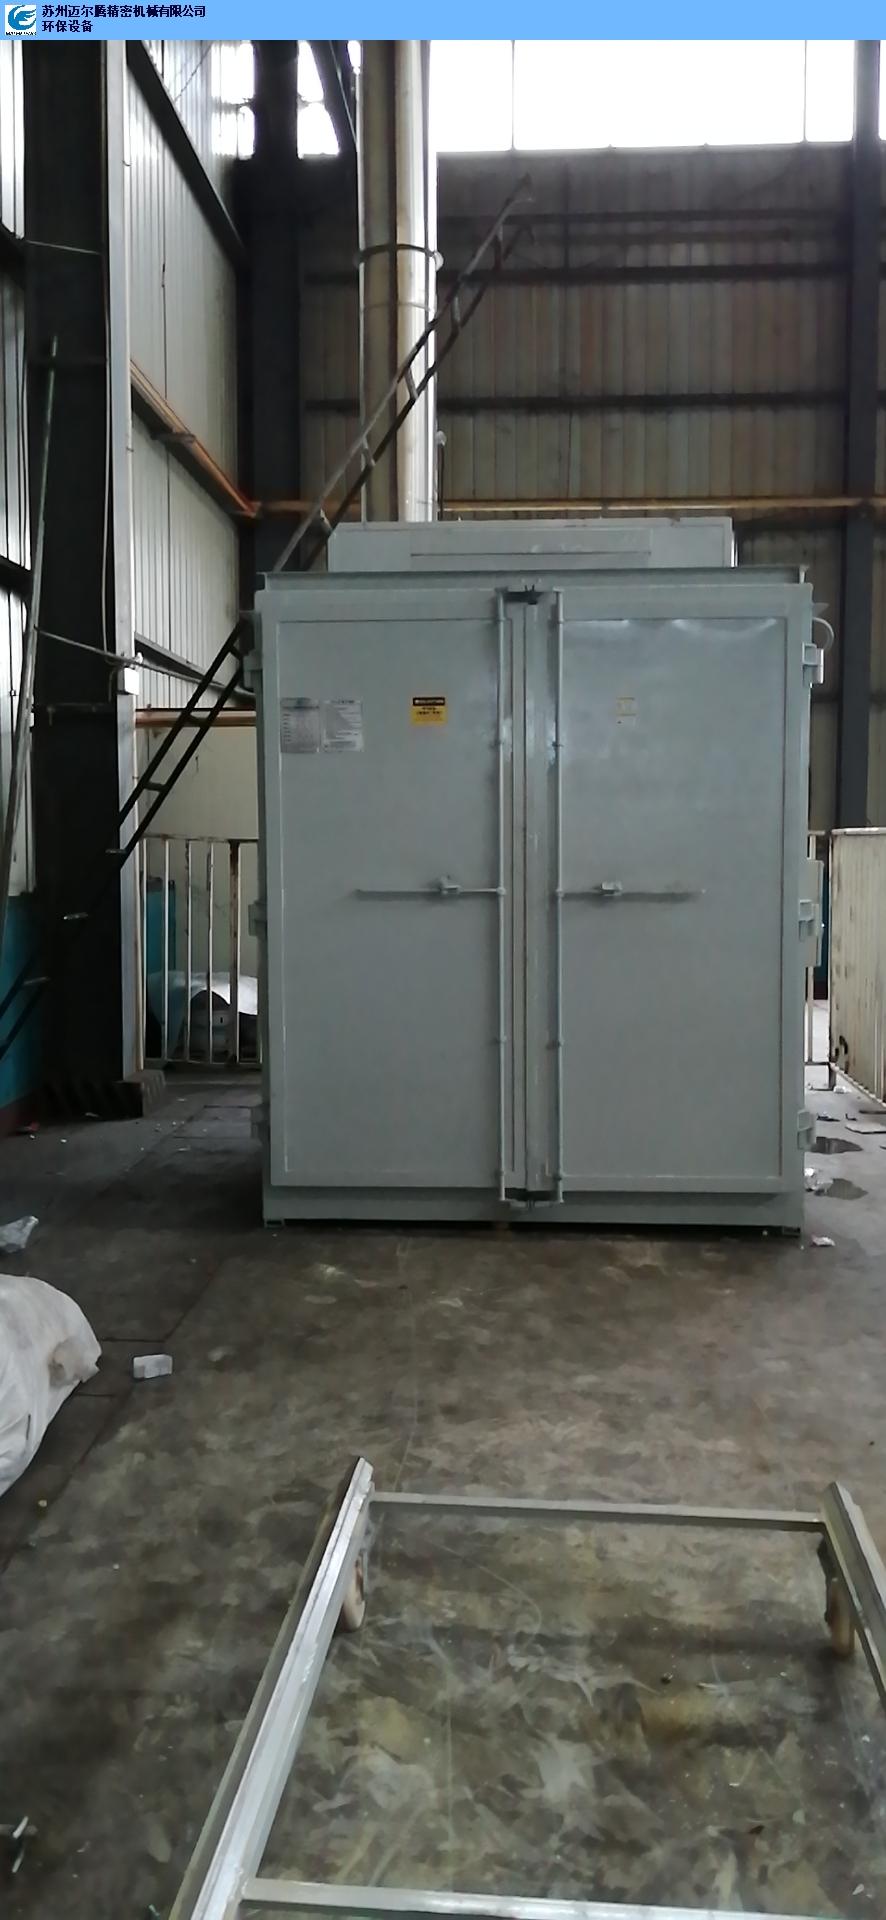 绿色苏州热洁炉厂家制造,苏州热洁炉厂家